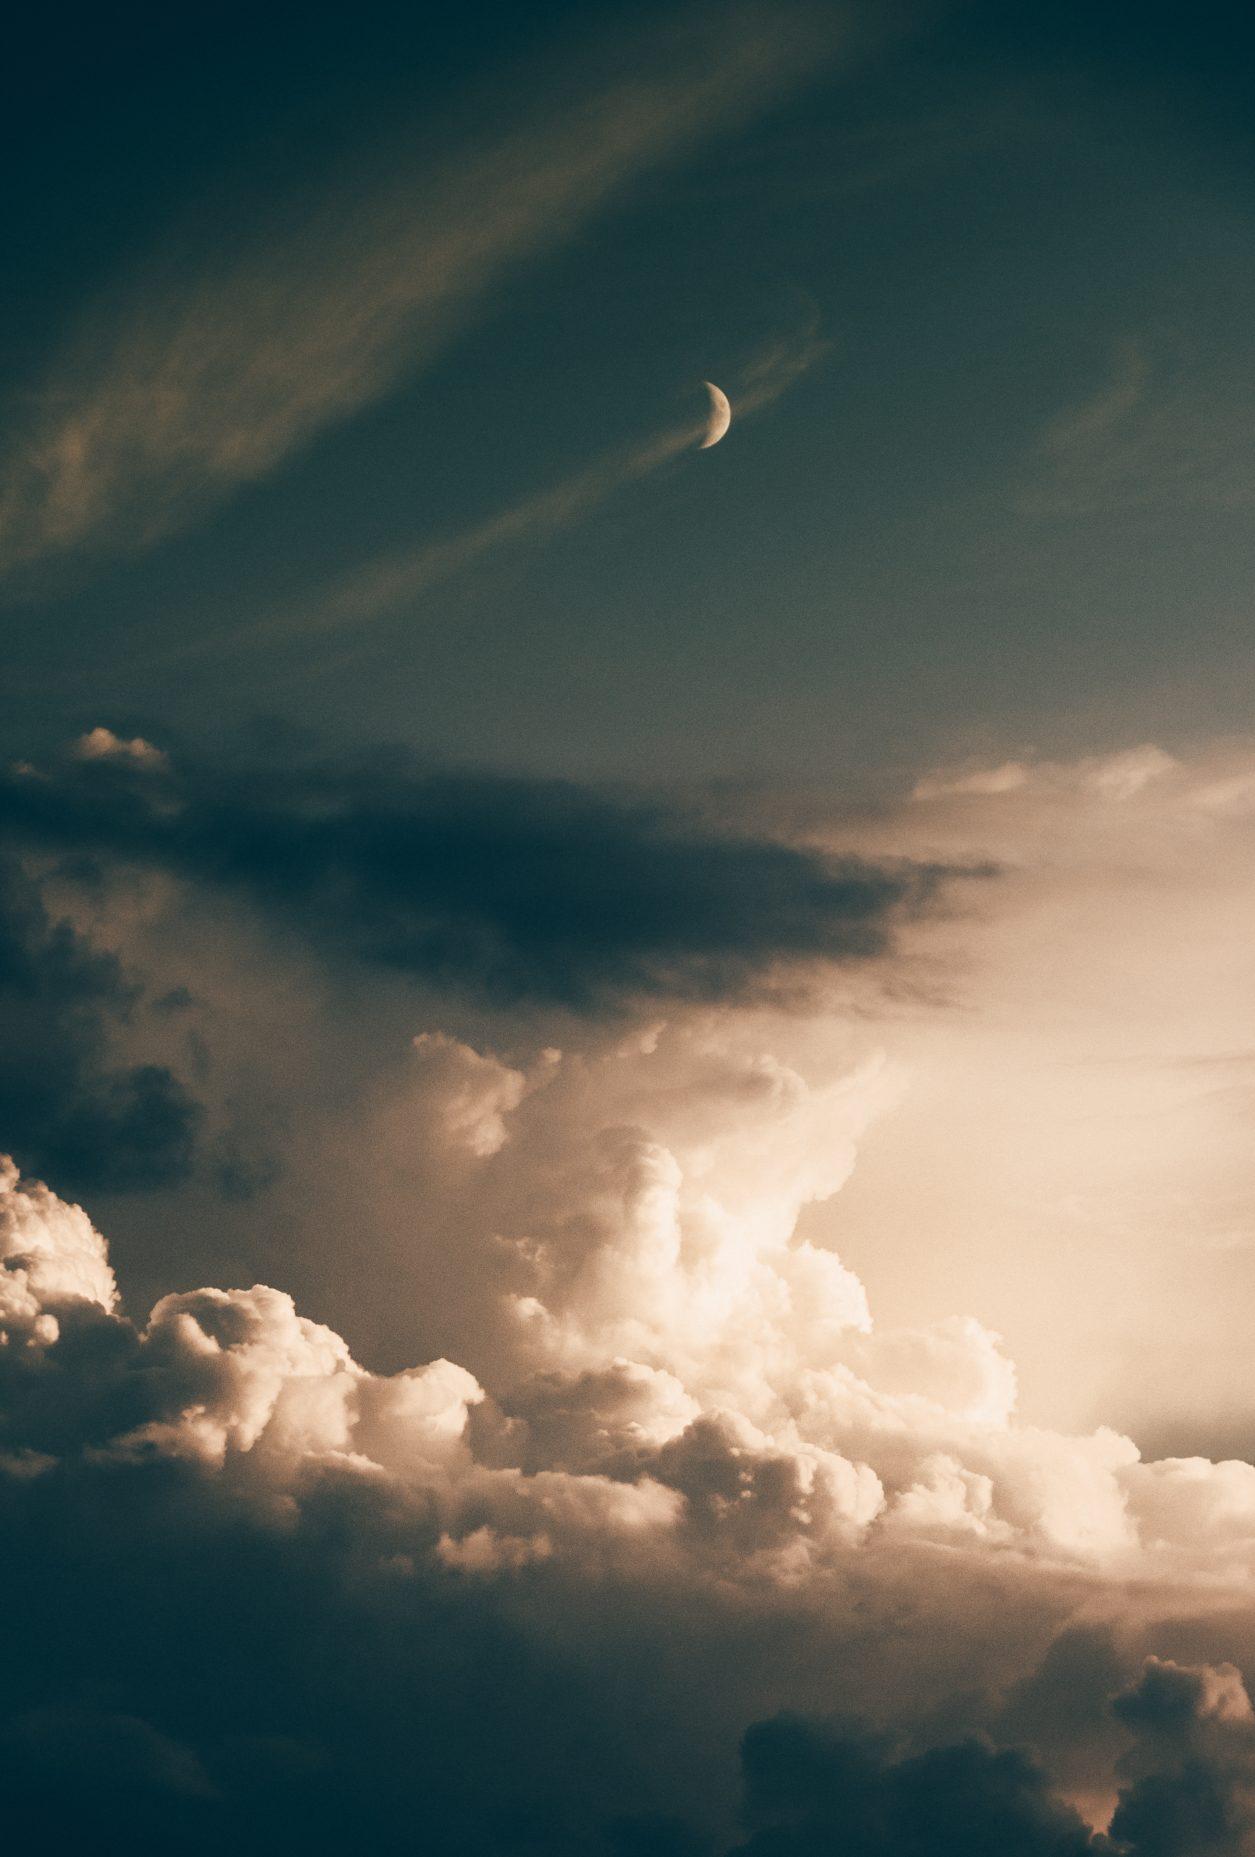 Virginia-Rosenberg-Rising-Woman-New-Moon-Scorpio.jpg